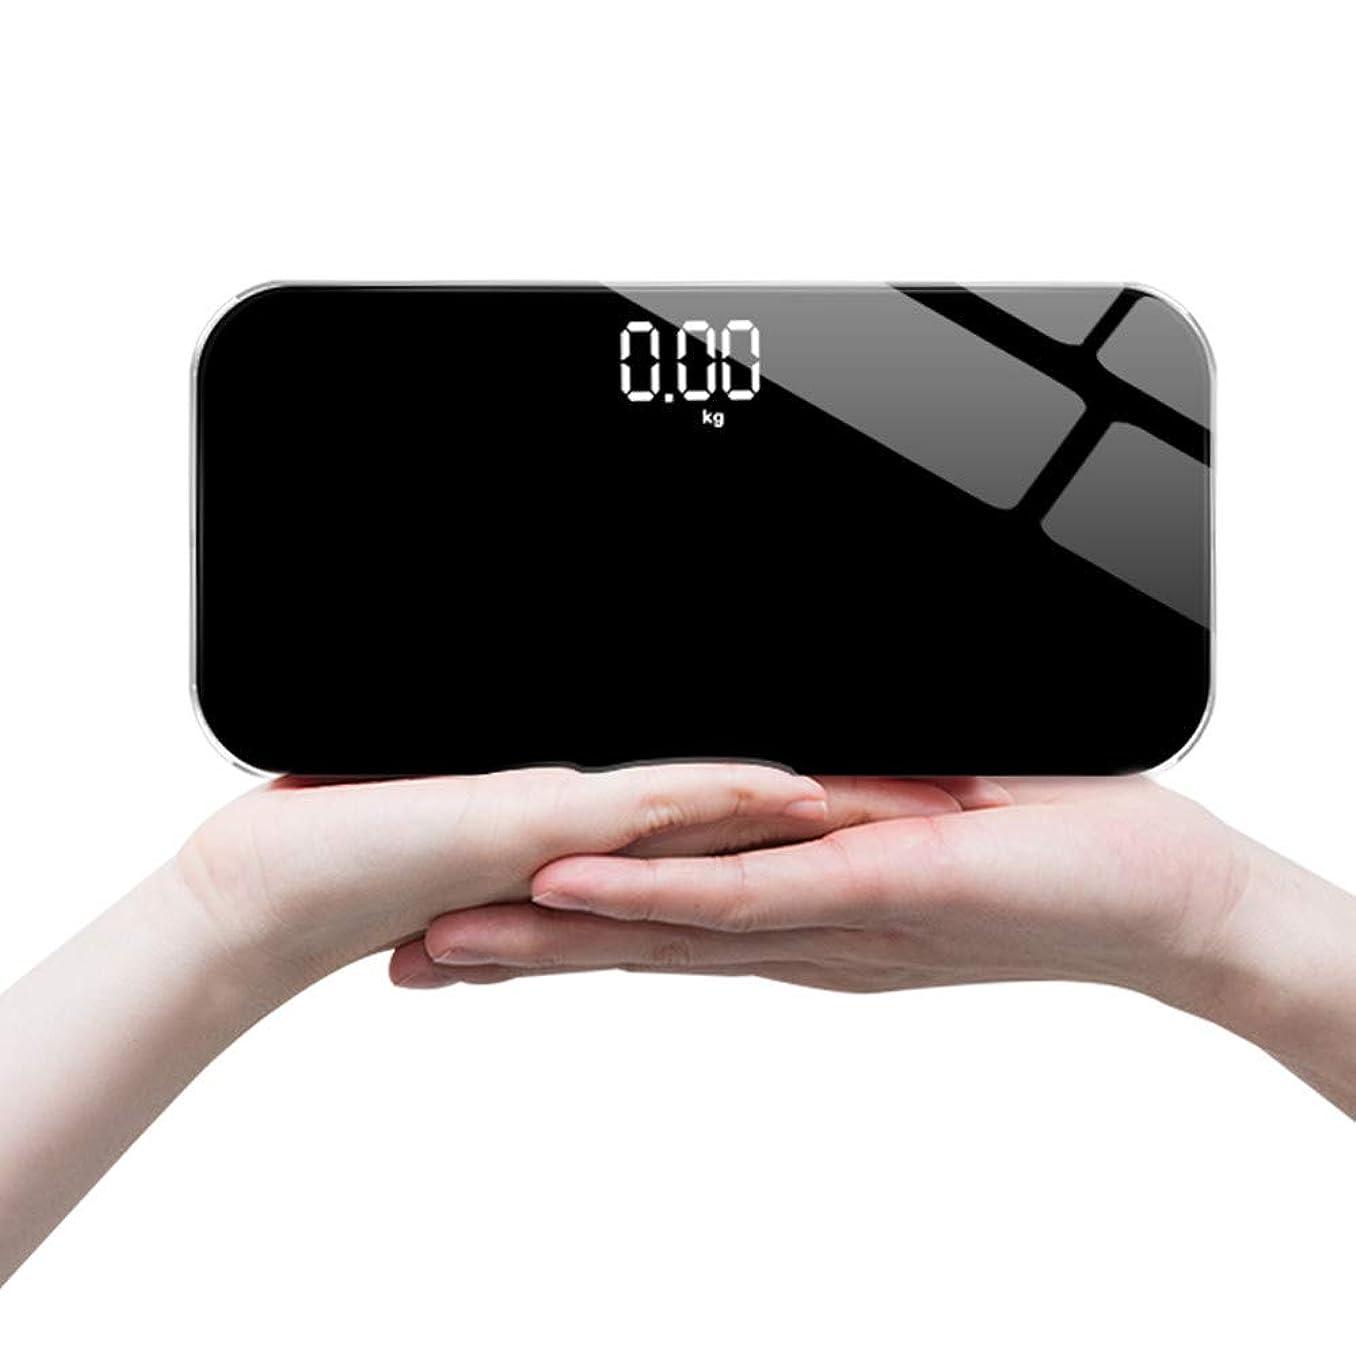 比類なき高揚した赤道健康電子スケール、ミニ体重計LED隠しスクリーン、自動オン/オフは持ち運びに便利なミラーとして使用できます。